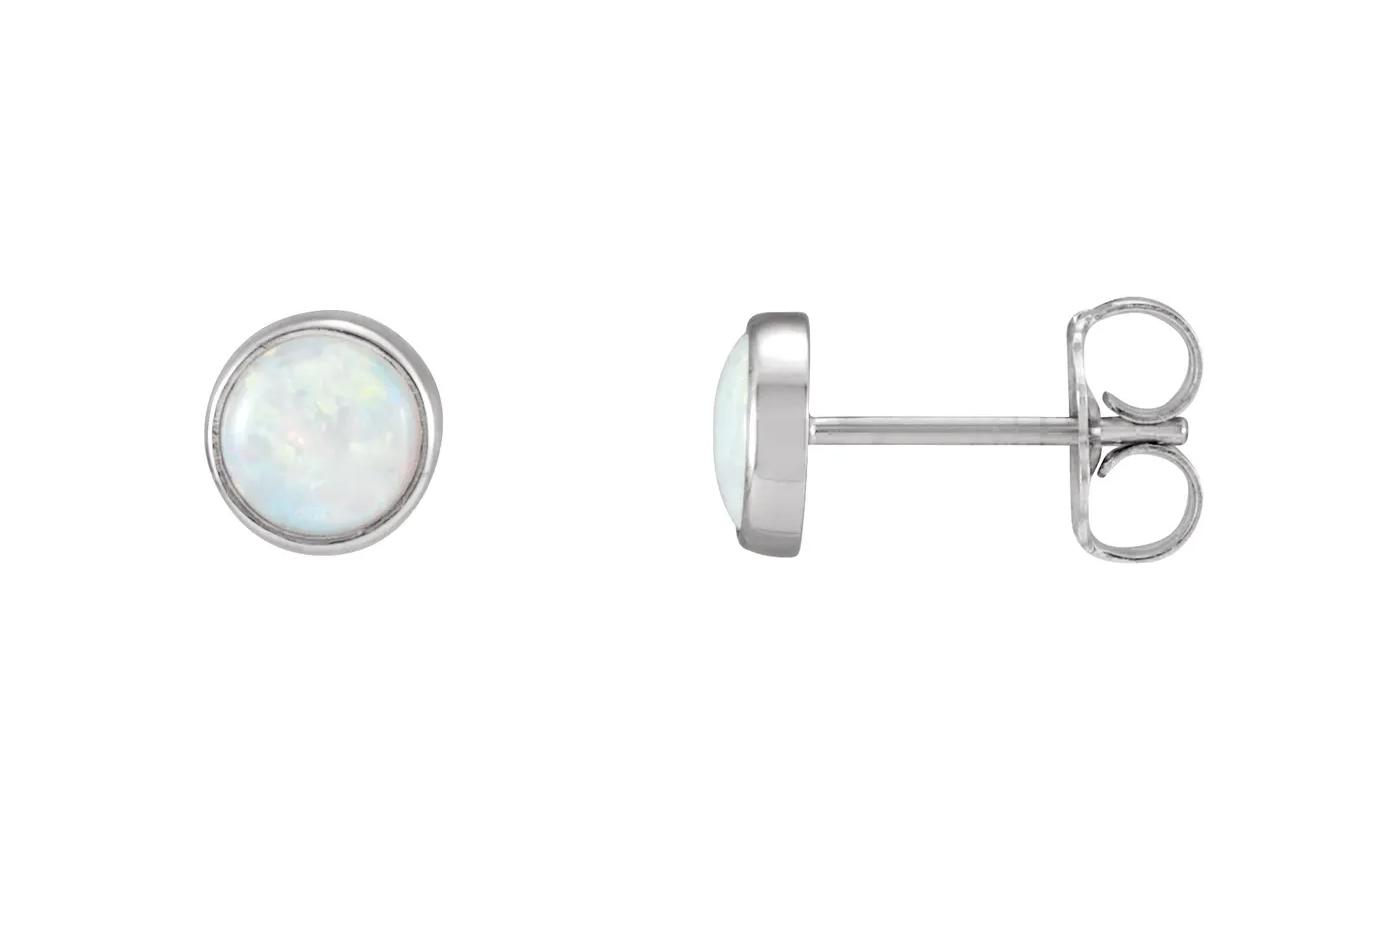 Stuller 14kt white gold opal bezel stud earrings